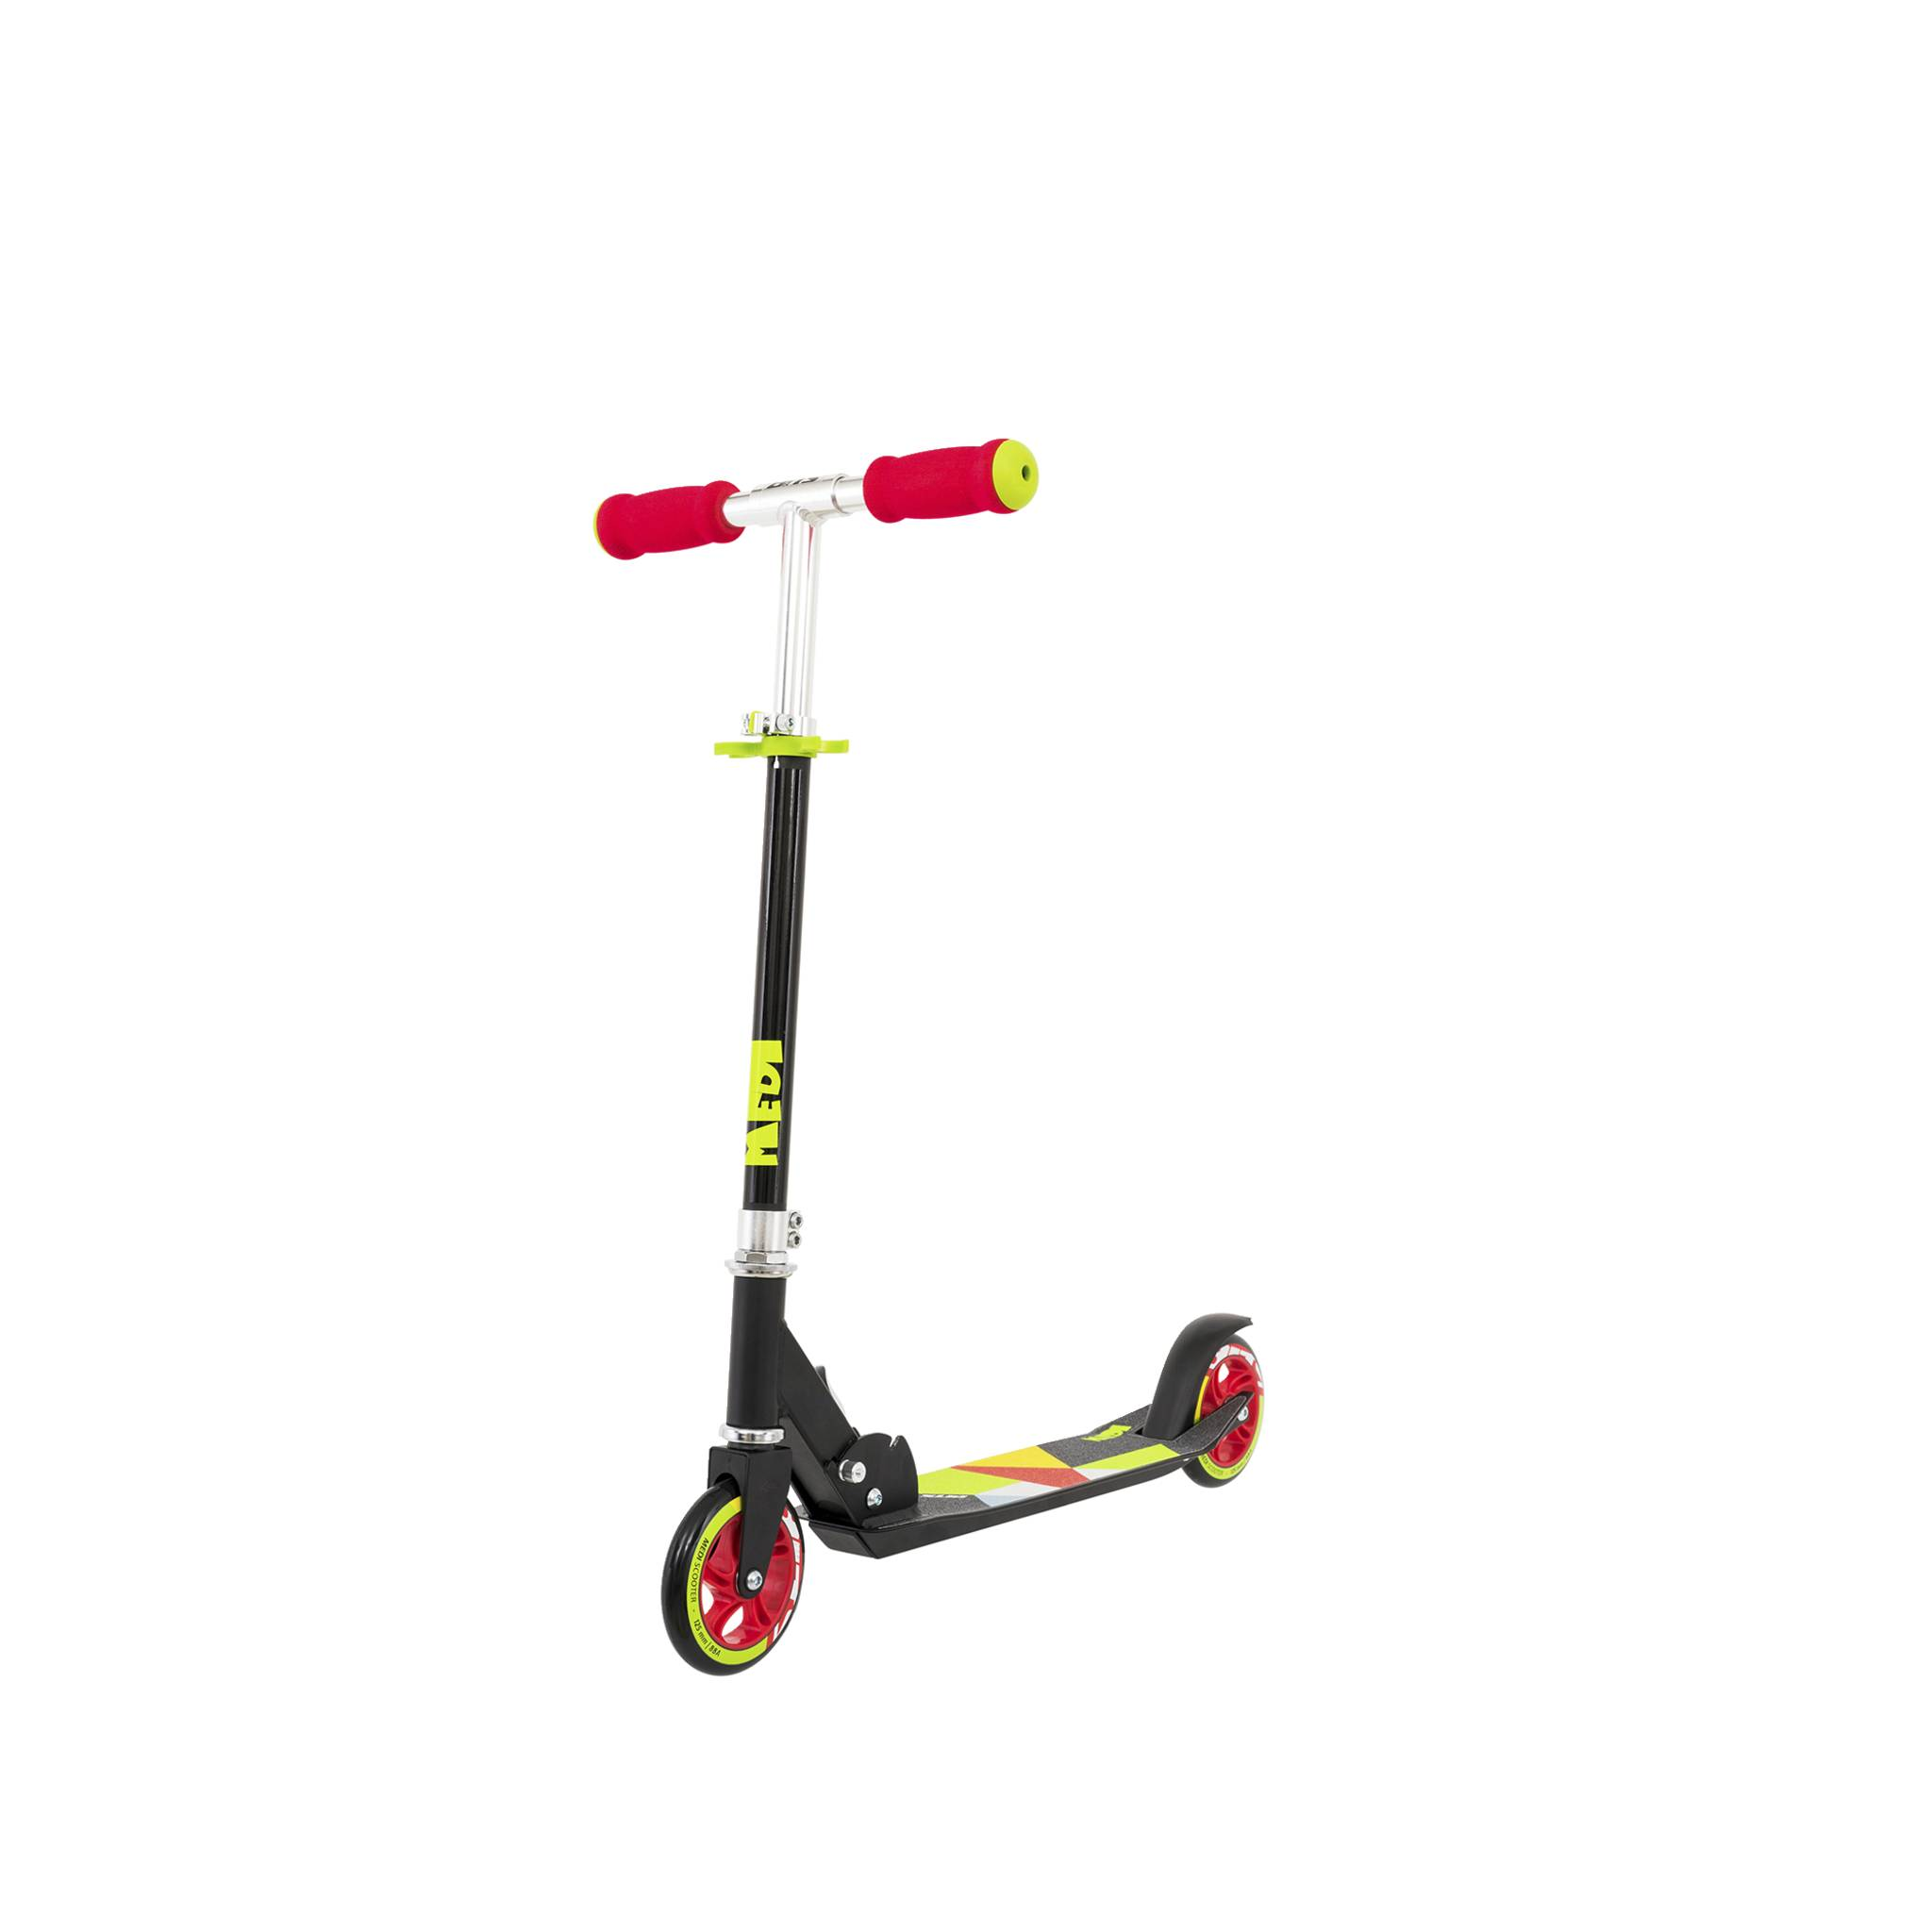 Medi scooter Black 125 mm, sparkesykkel 125mm